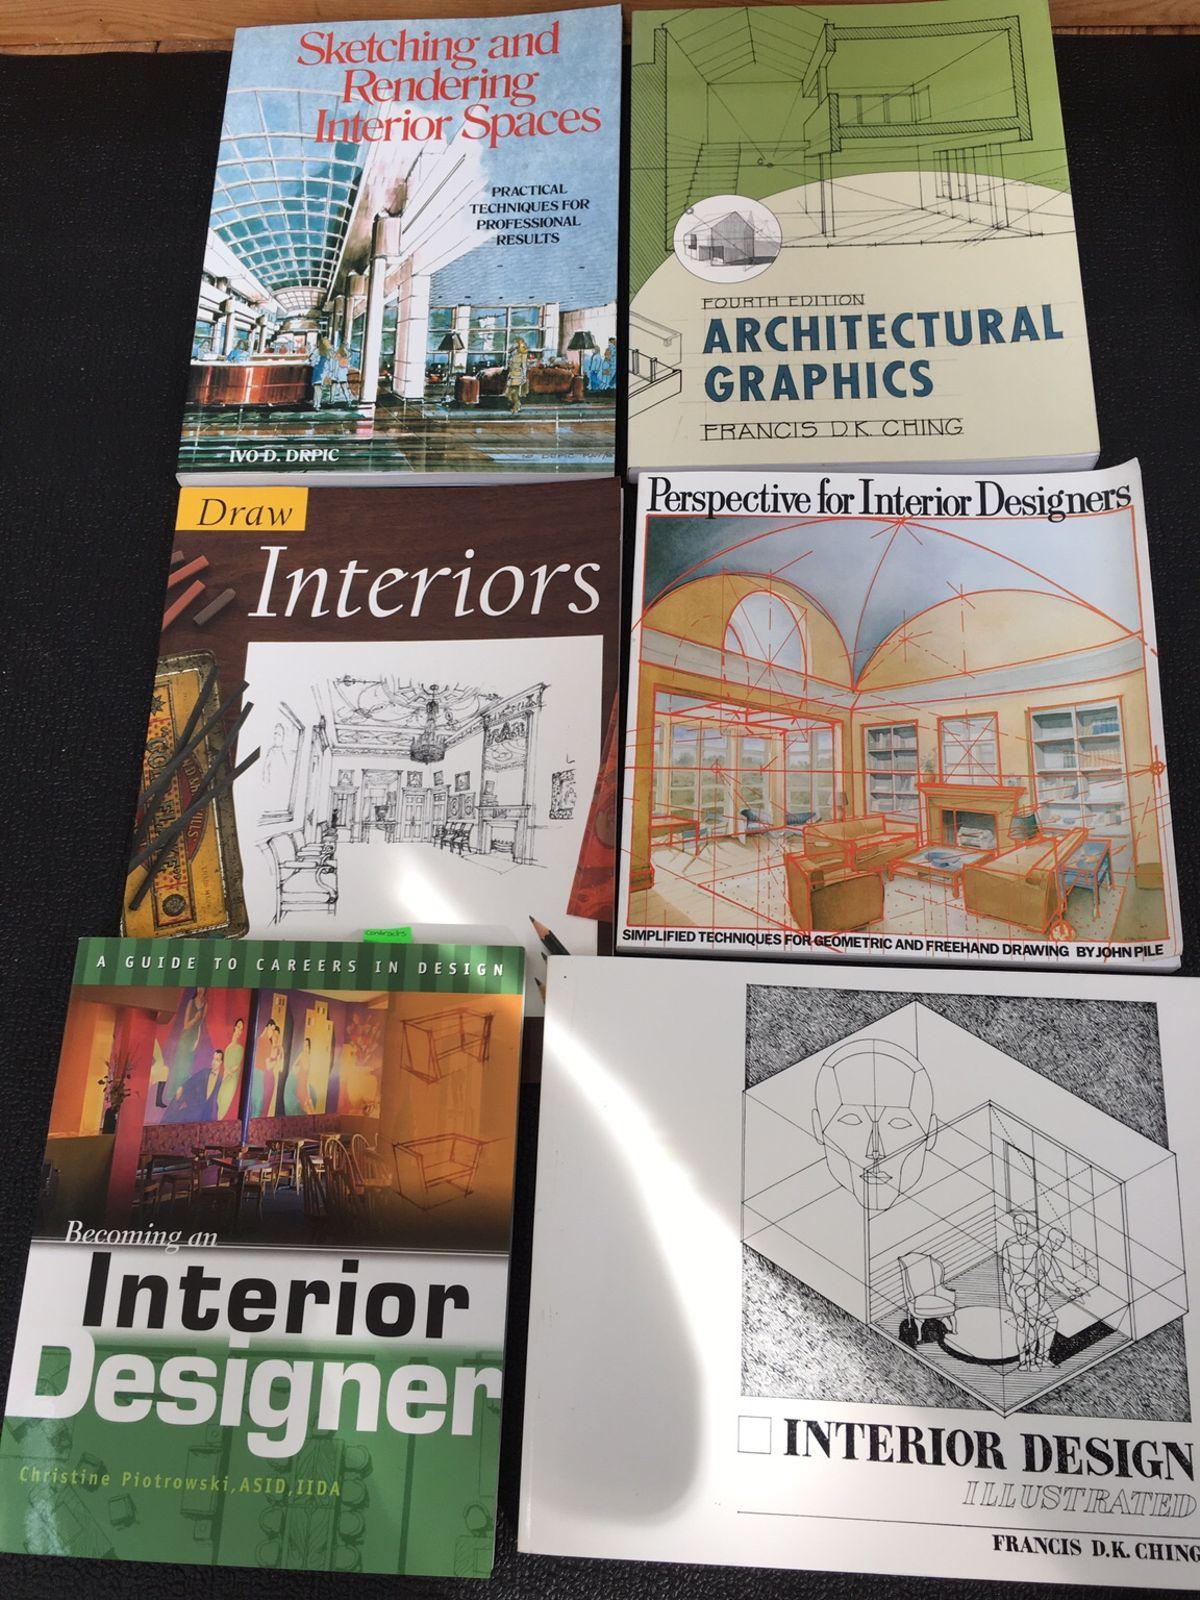 Sims 3 Design Garten Accessoires Einzigartig Interior Design Books In Cm2 Chelmsford Für 25 00 £ Zum